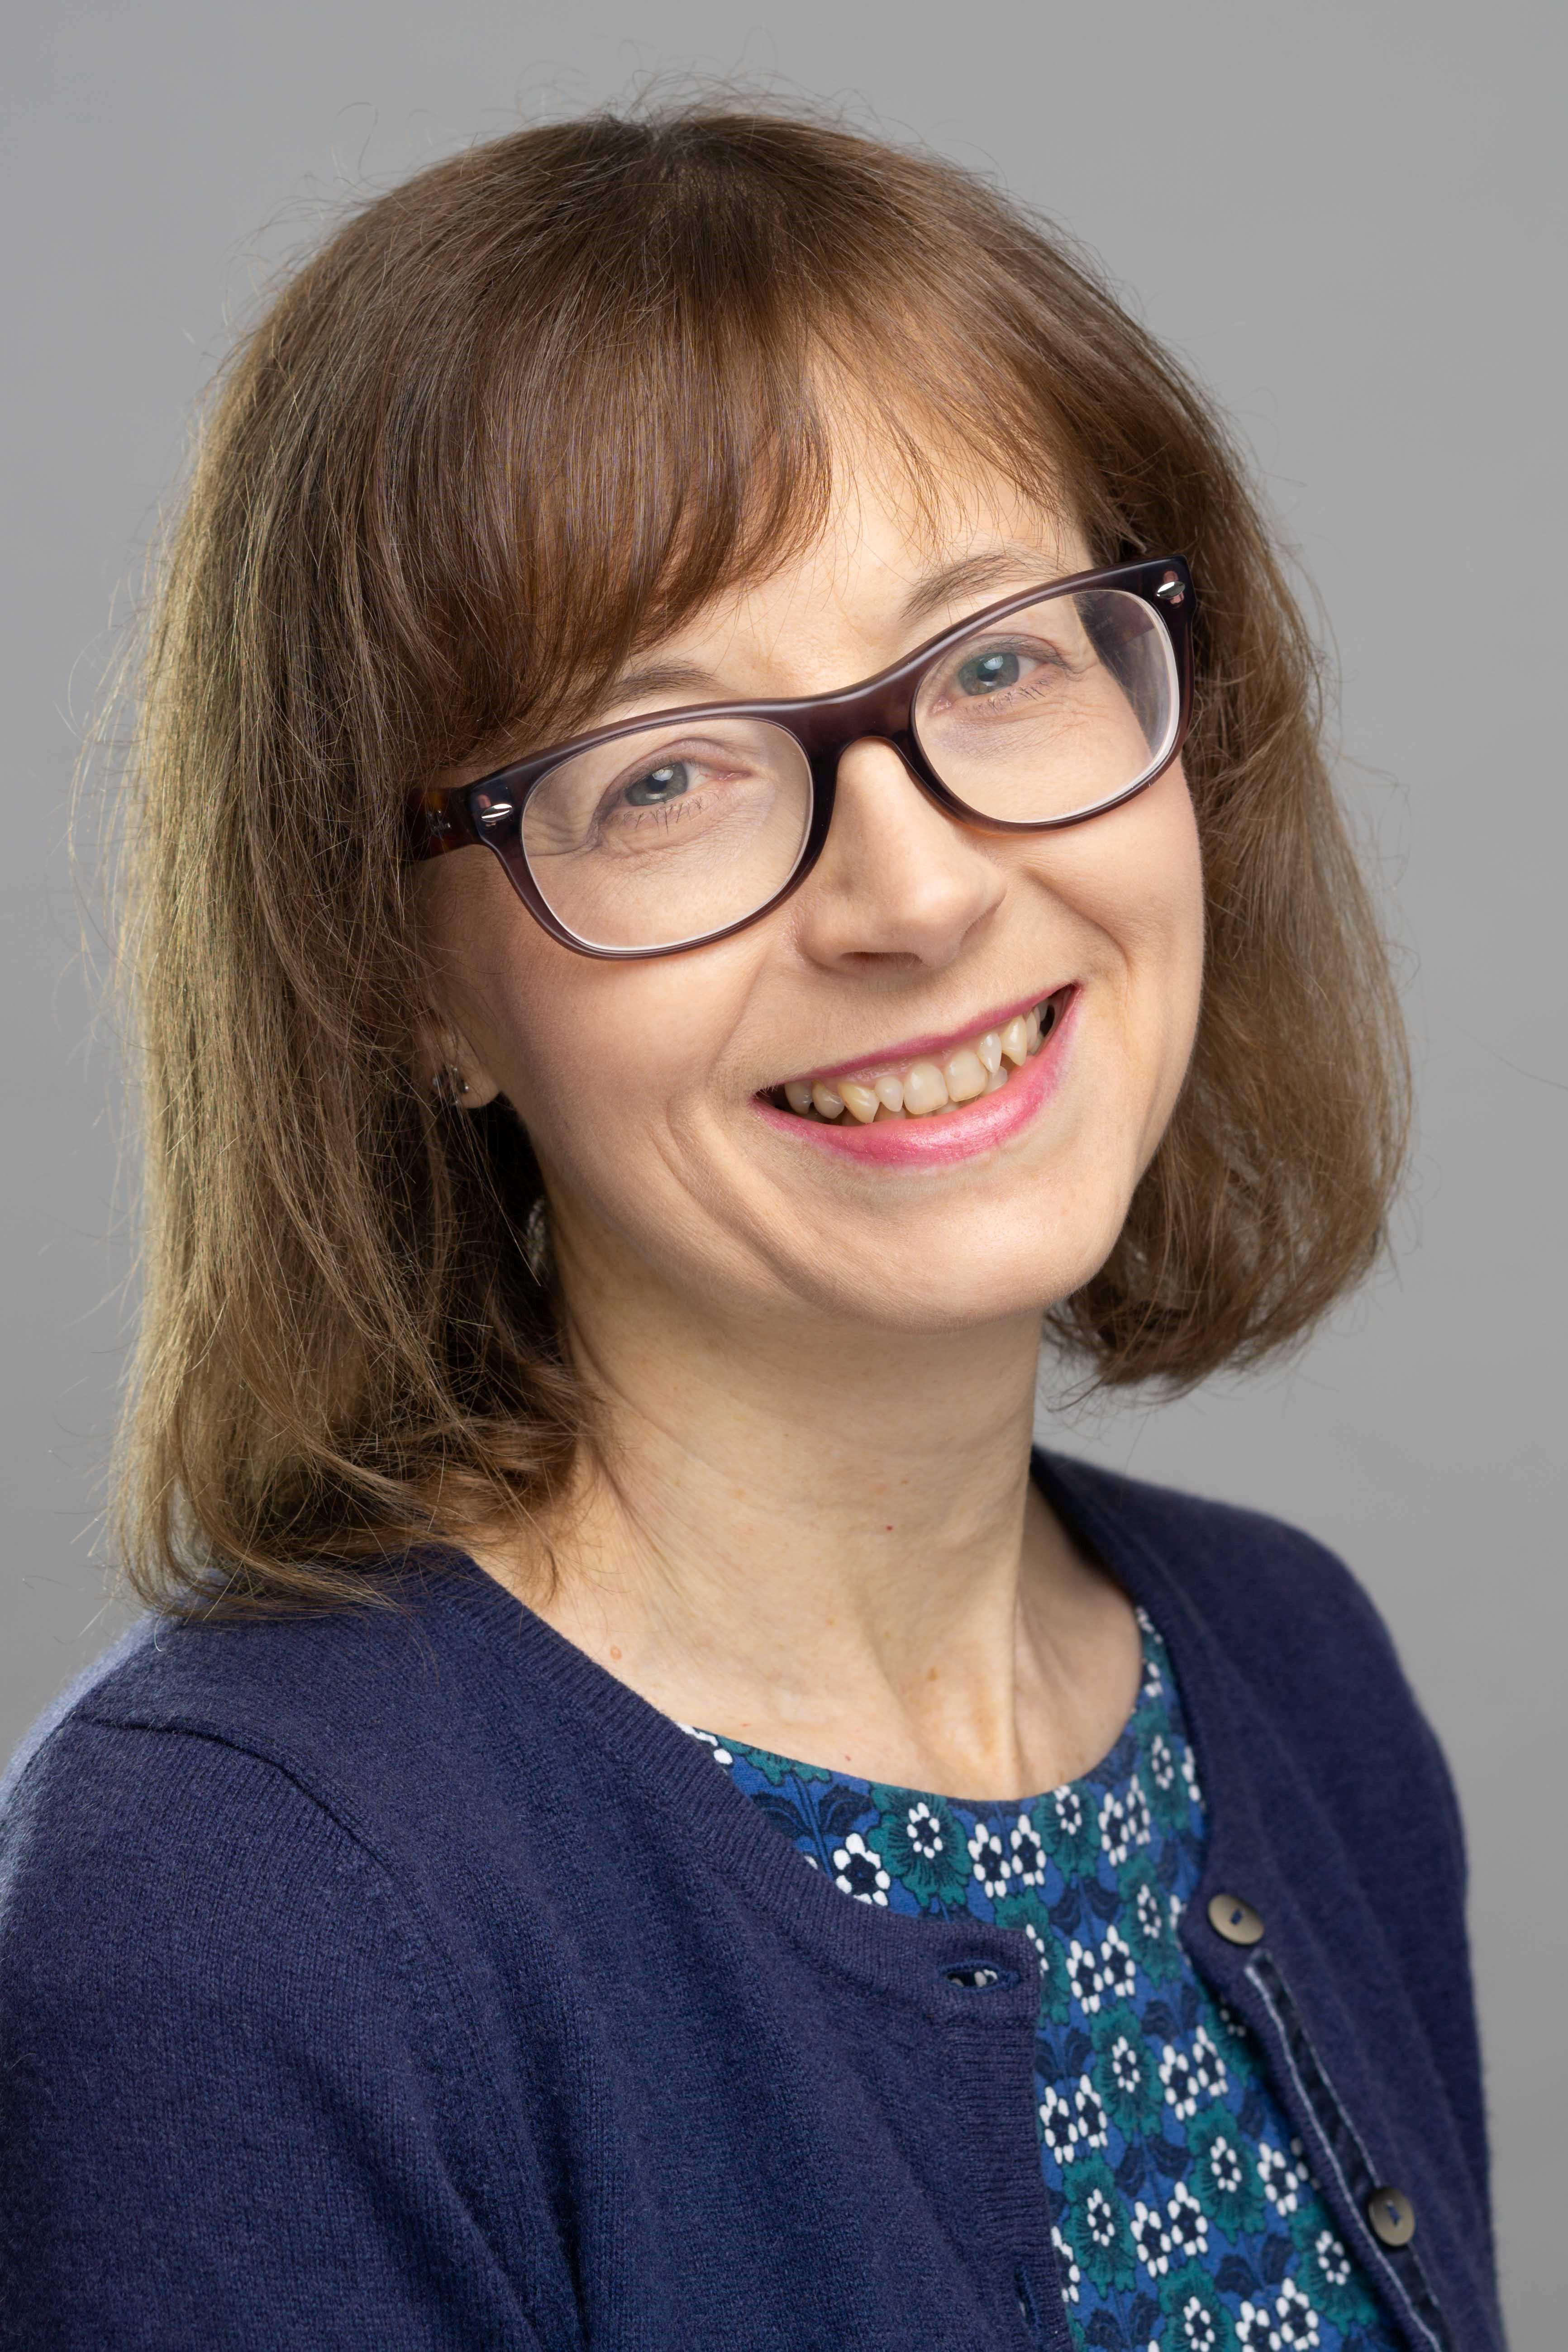 Julie Bullen